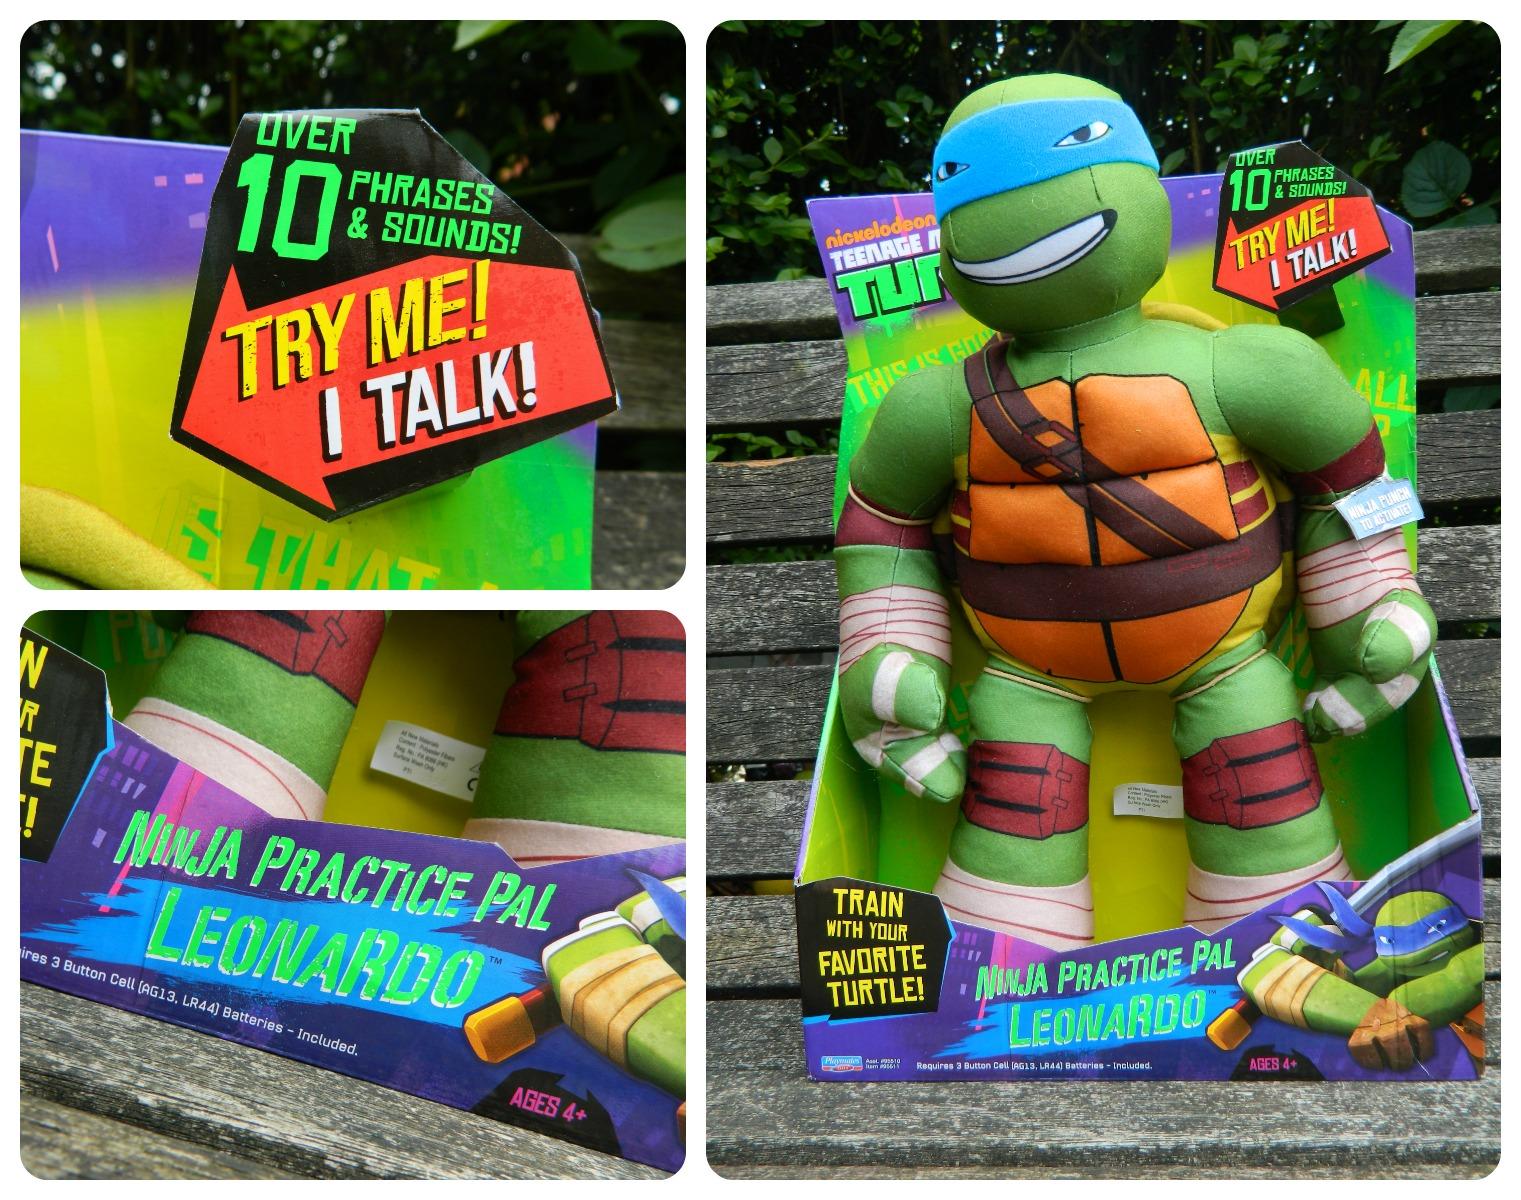 Leonardo Ninja Practice Pal Teenage Mutant Ninja Turtles Flair